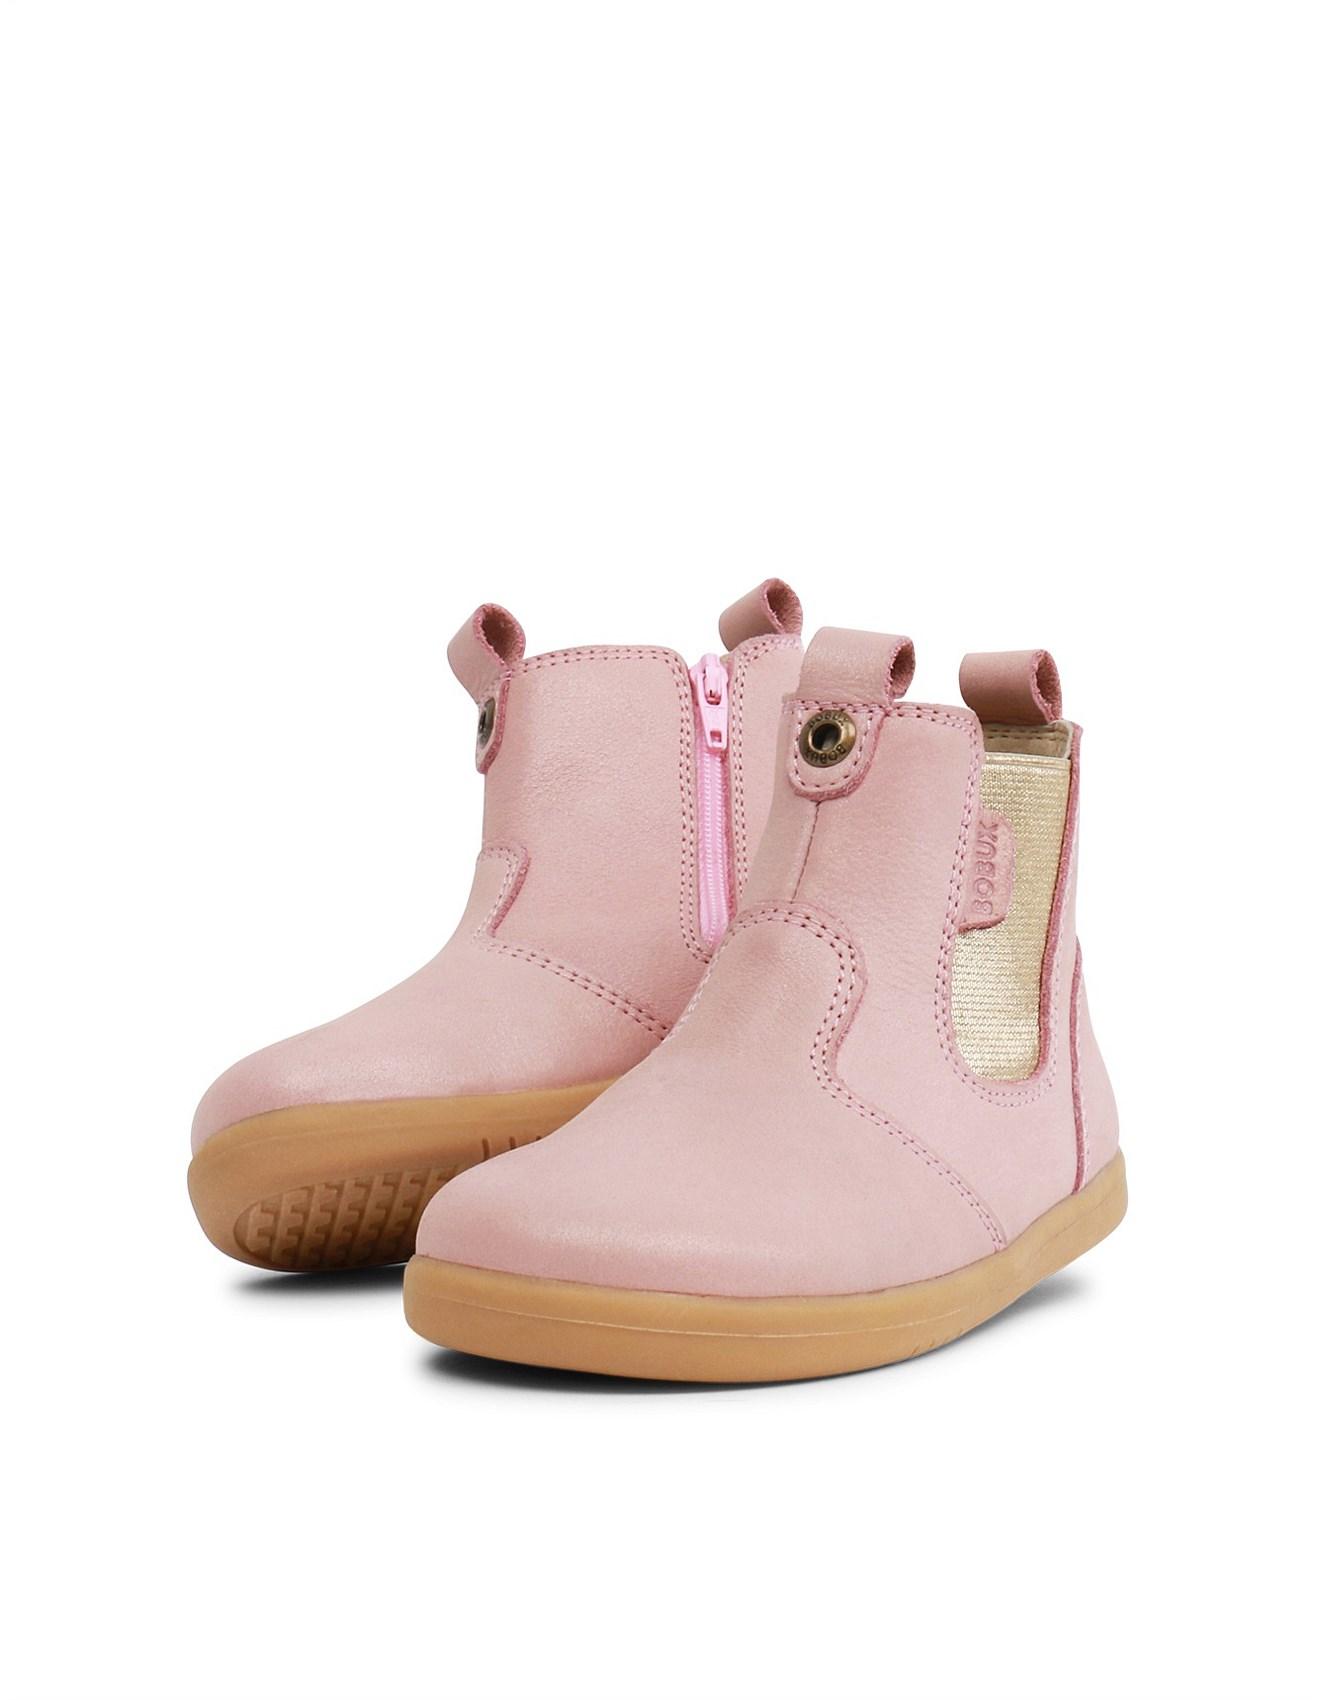 3da6420dd481 Girl s Shoes